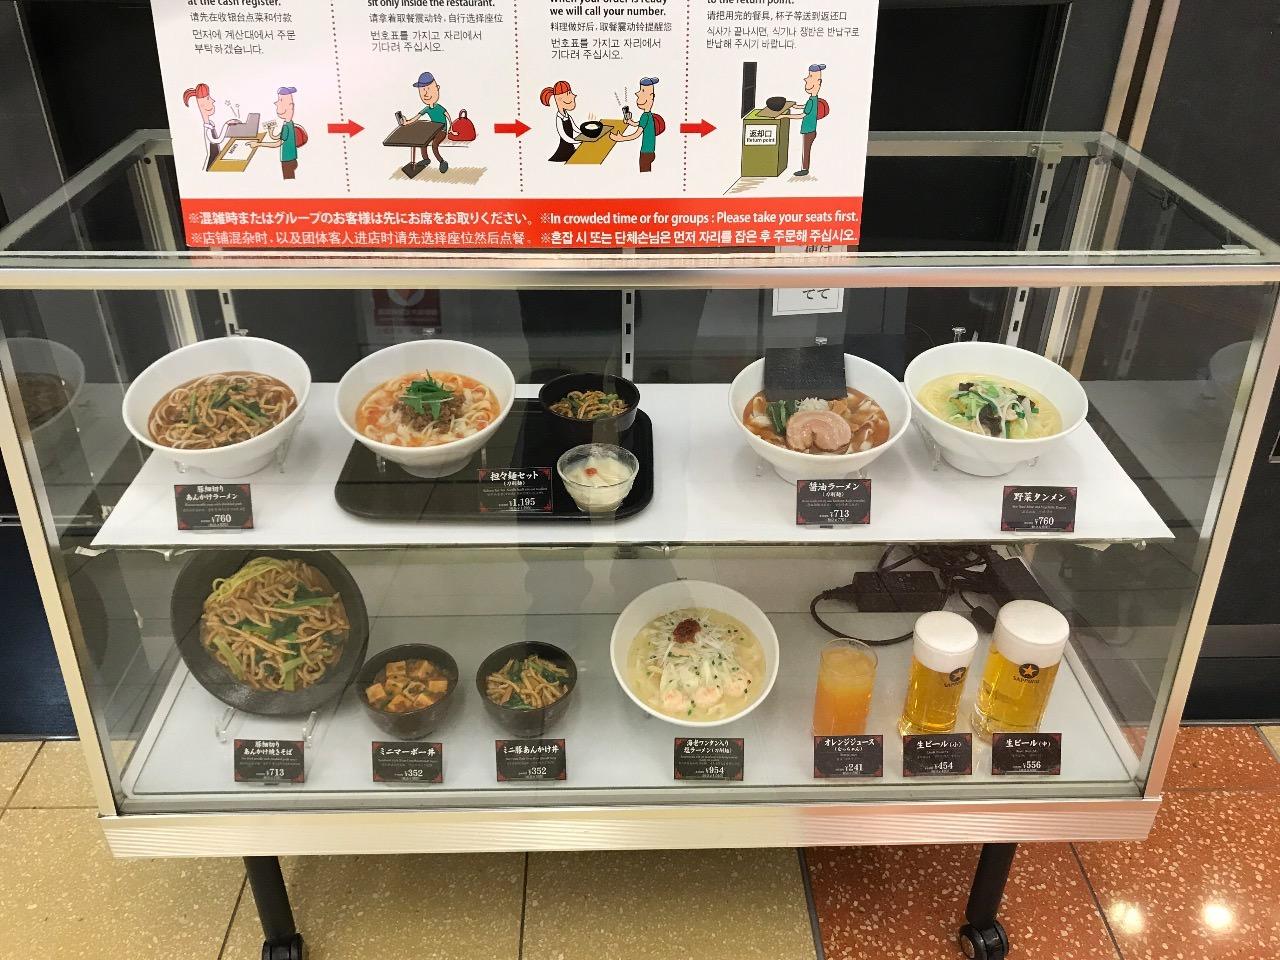 羽田空港 トーキョーエアポートレストラン 07